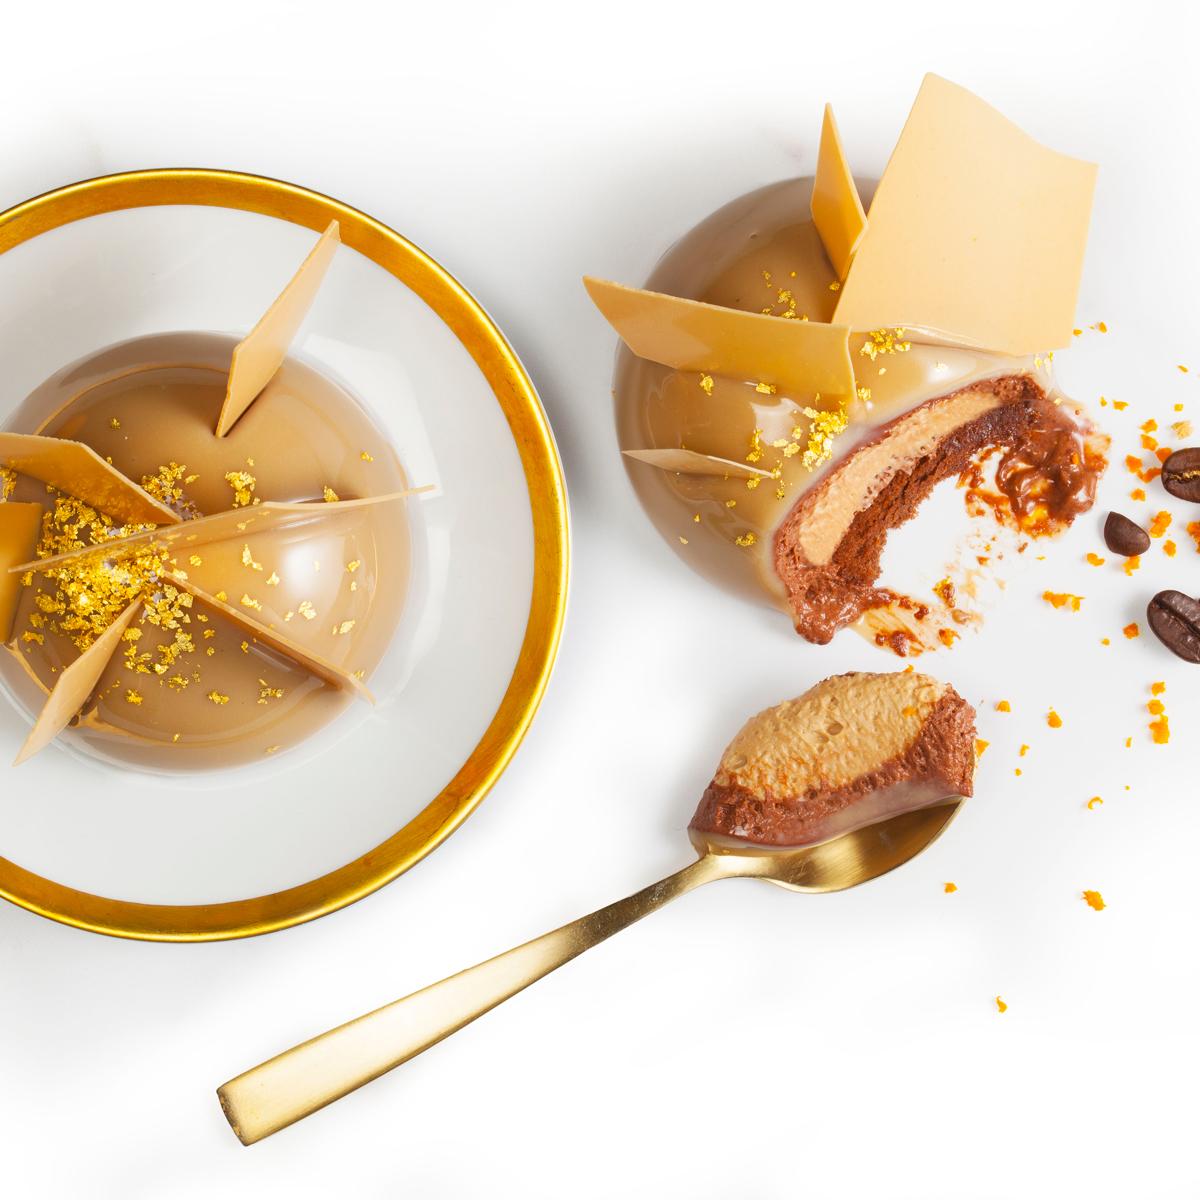 Imagen de producto: https://tienda.postreadiccion.com/img/articulos/secundarias13572-250-g-chocolate-gold-callebaut-en-gotas-a-granel-2.jpg